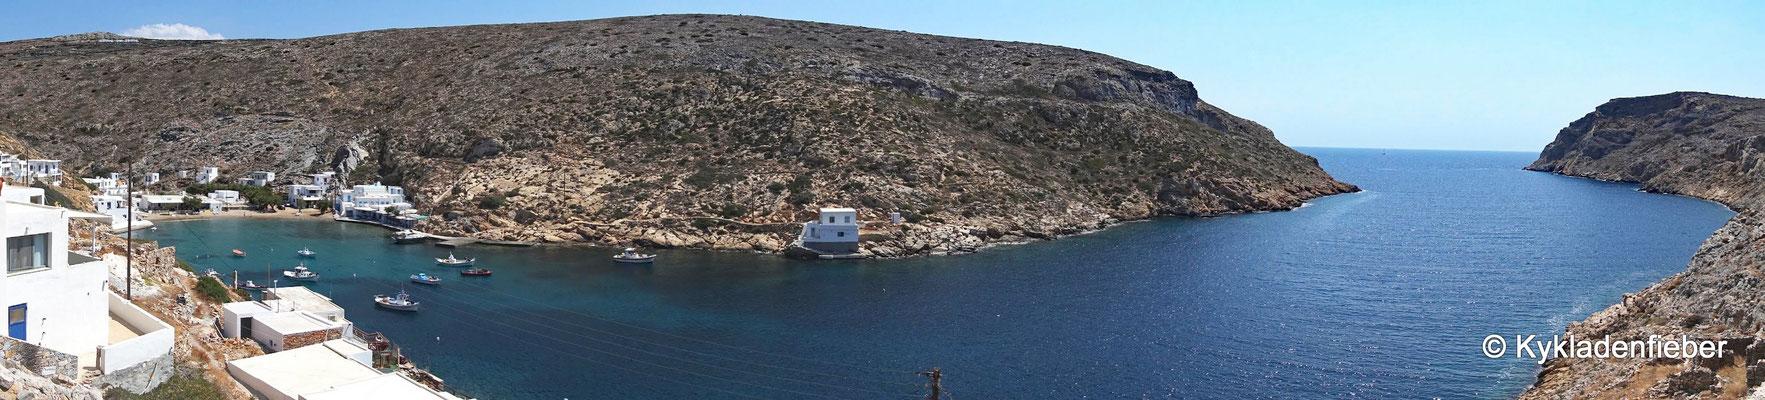 Sifnos Bucht von Cheronissos